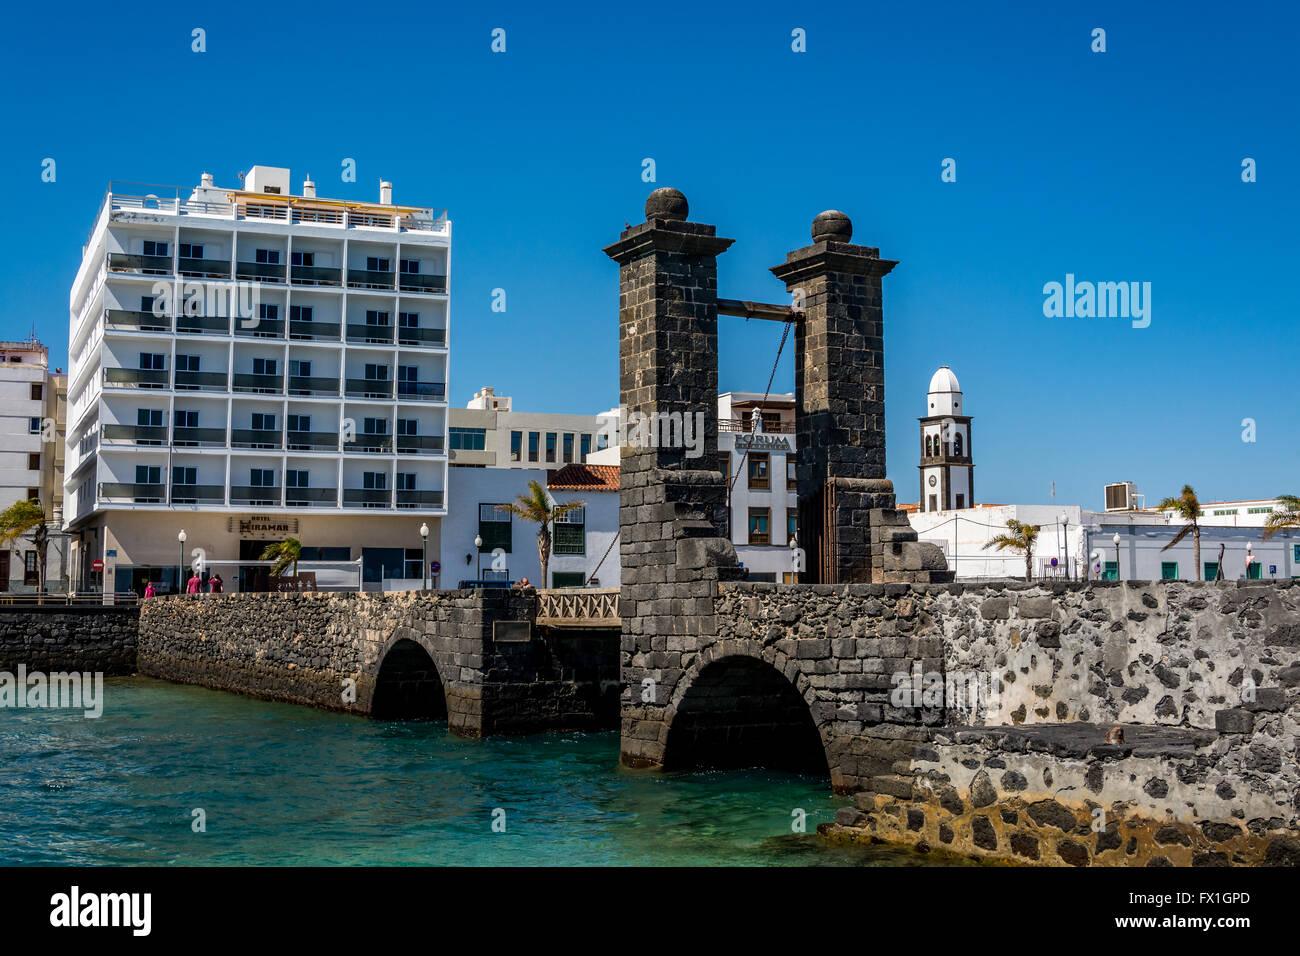 View of the Bridge of the Balls (Puente de las Bolas) in Arrecife, Lanzarote island, Spain Stock Photo